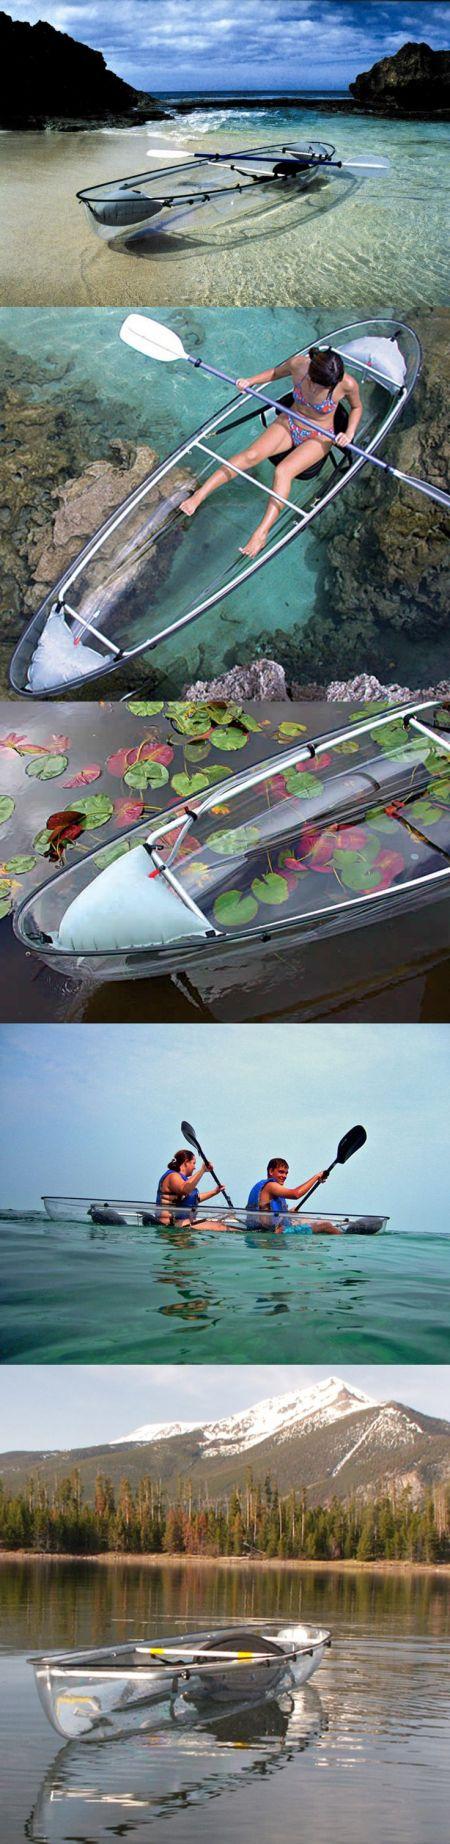 Yacht Shaped Like Island